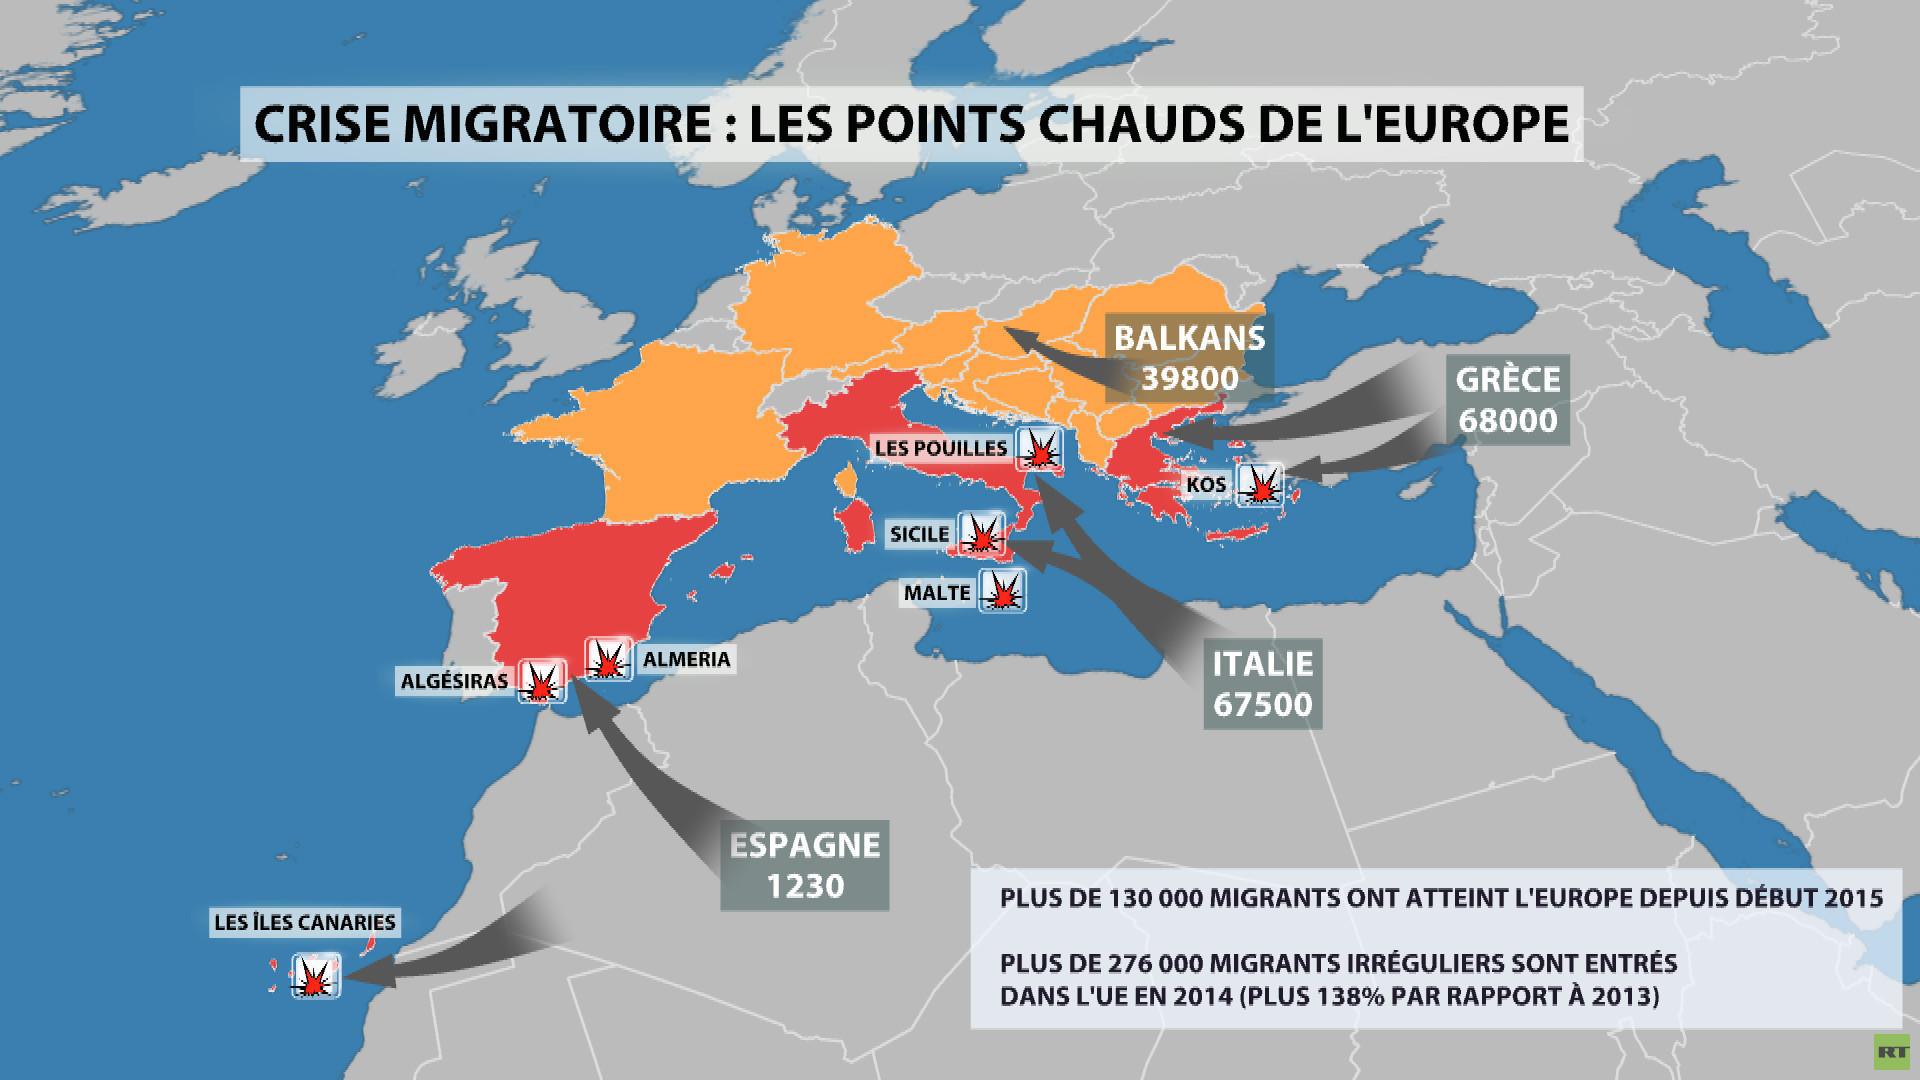 La crise migratoire en Europe.